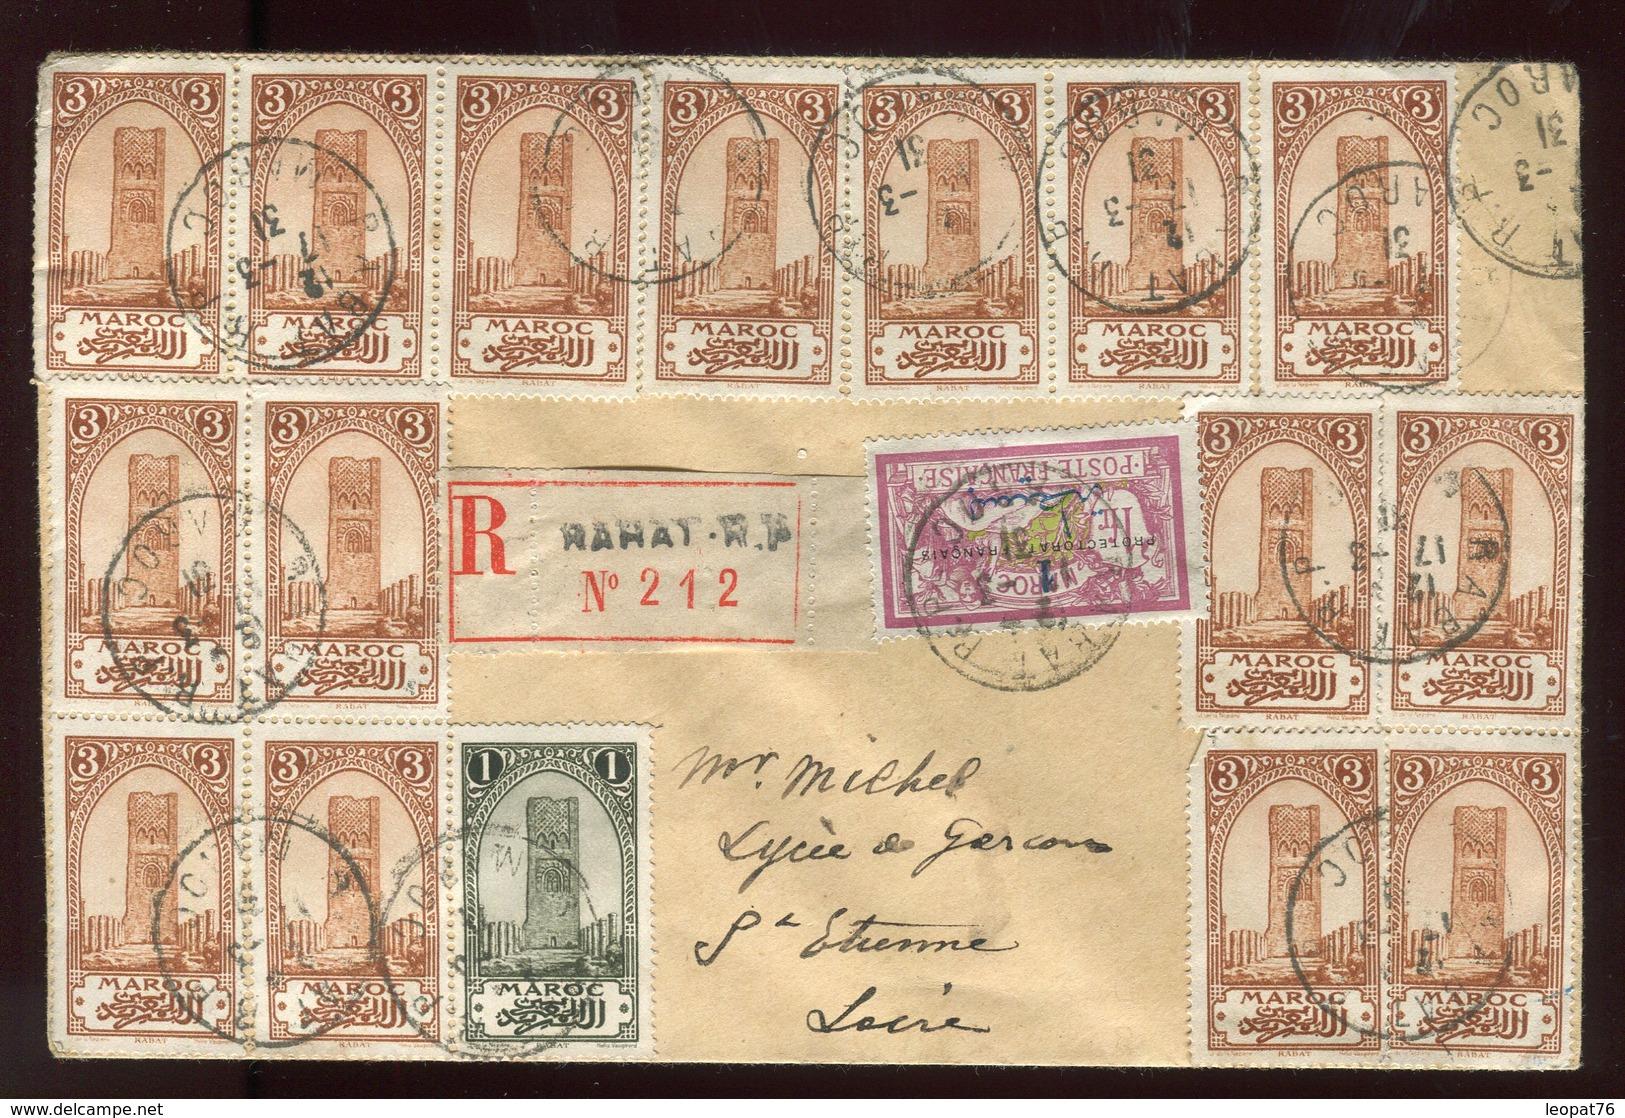 Maroc - Enveloppe En Recommandé De Rabat En 1931 Pour St Etienne - Prix Fixe - Réf F55 - Marokko (1891-1956)